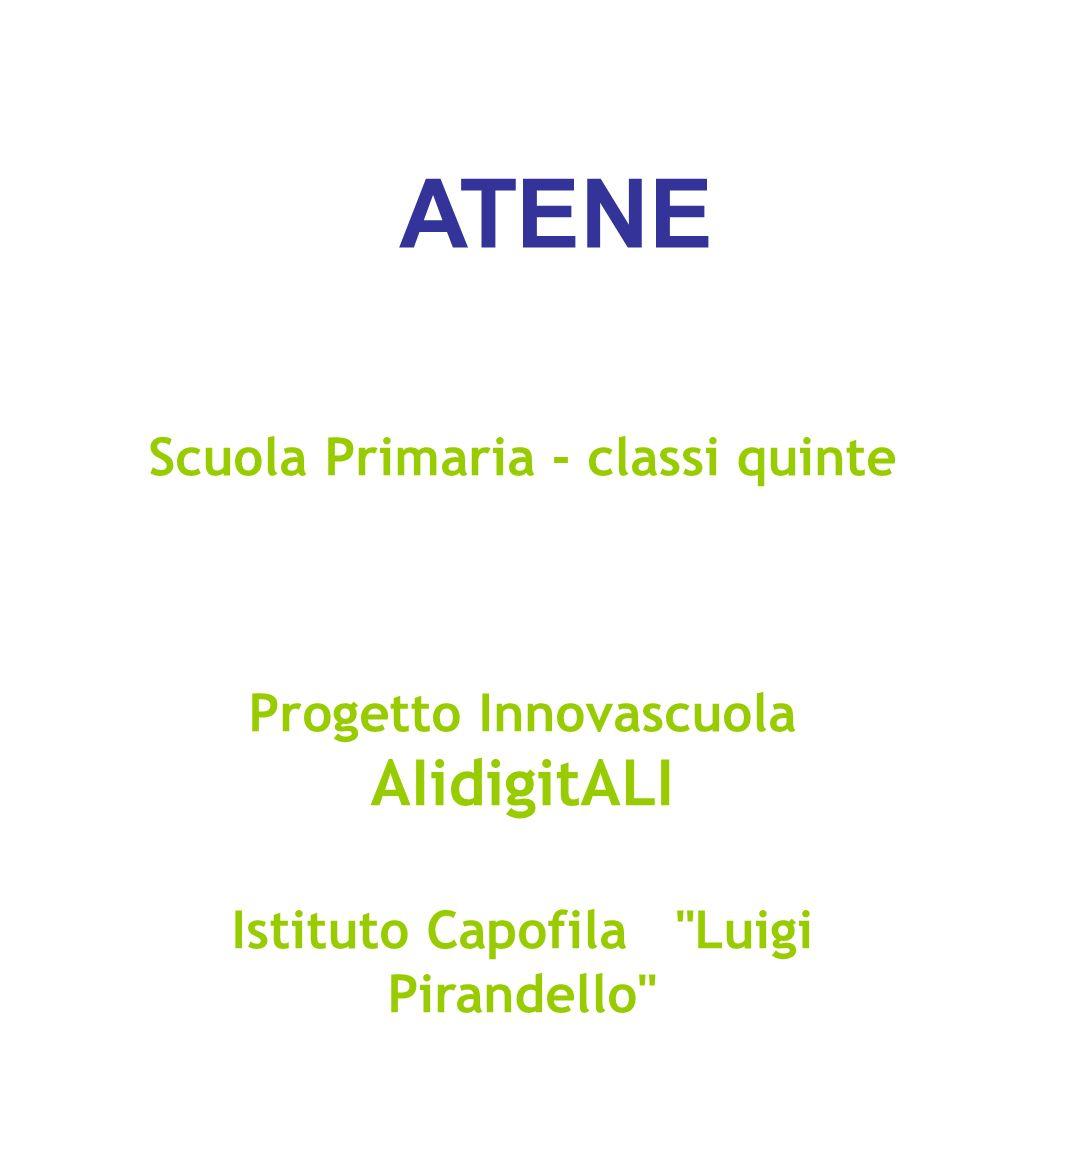 ATENE Scuola Primaria - classi quinte Progetto Innovascuola AIidigitALI Istituto Capofila